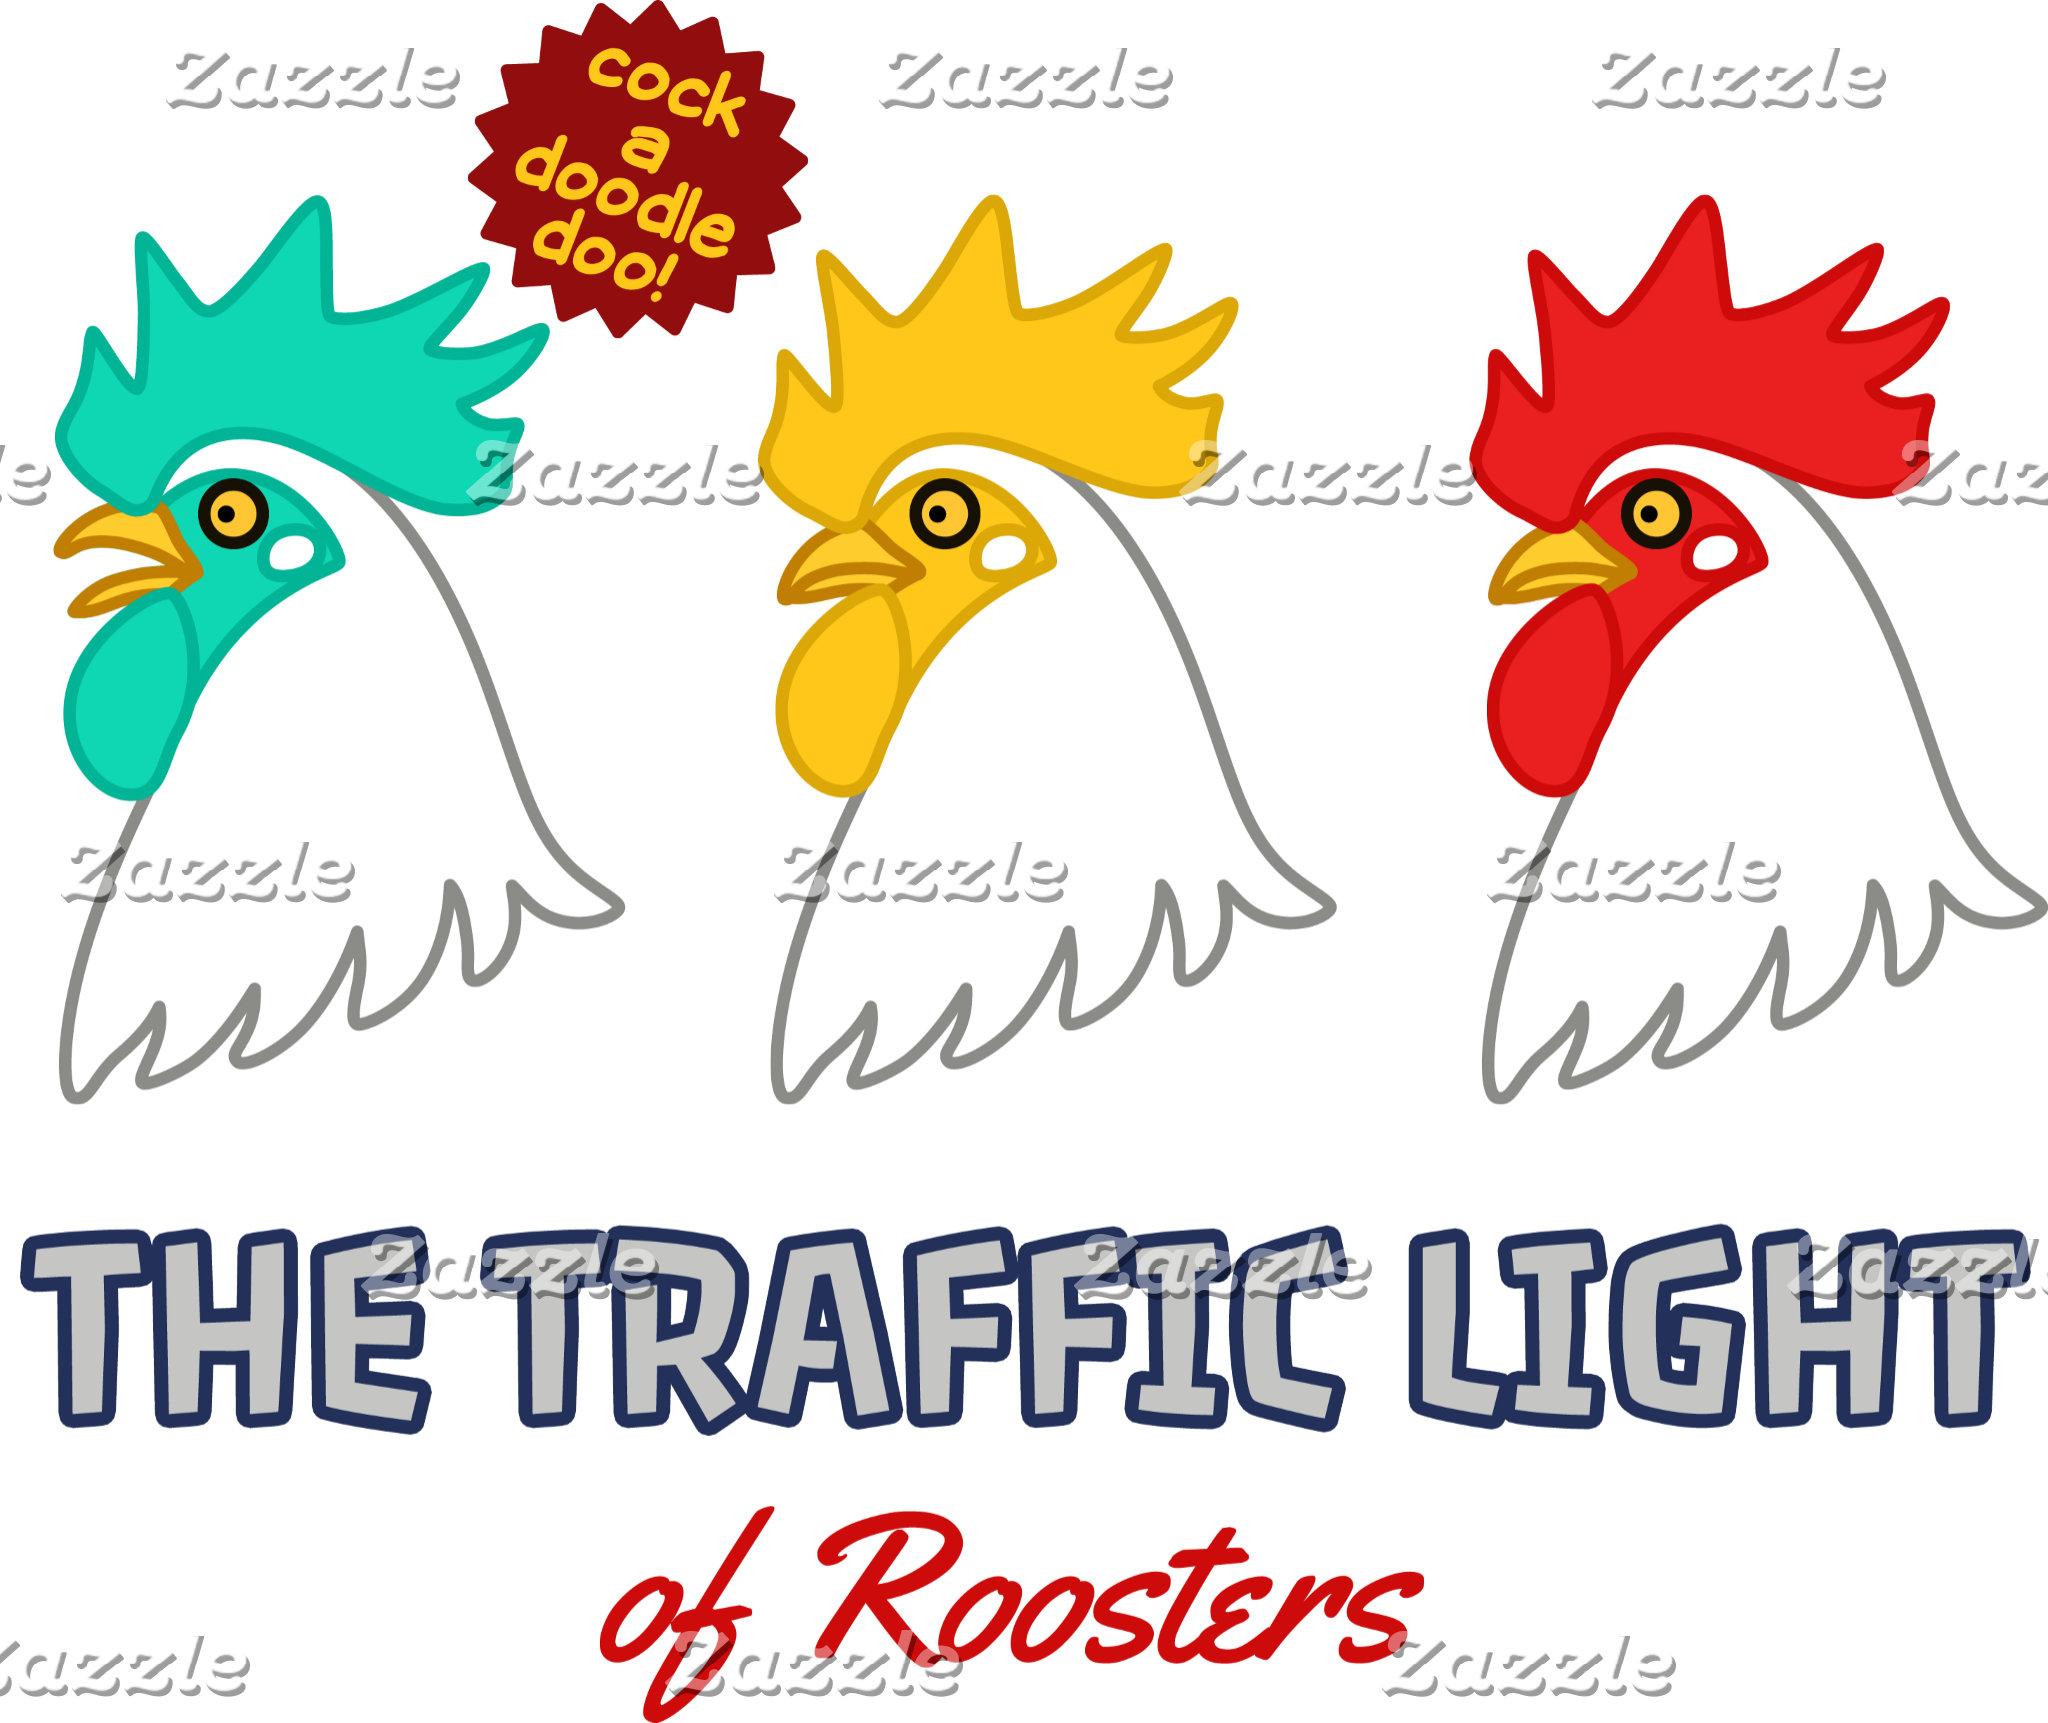 【にわとり信号】 The traffic light of roosters